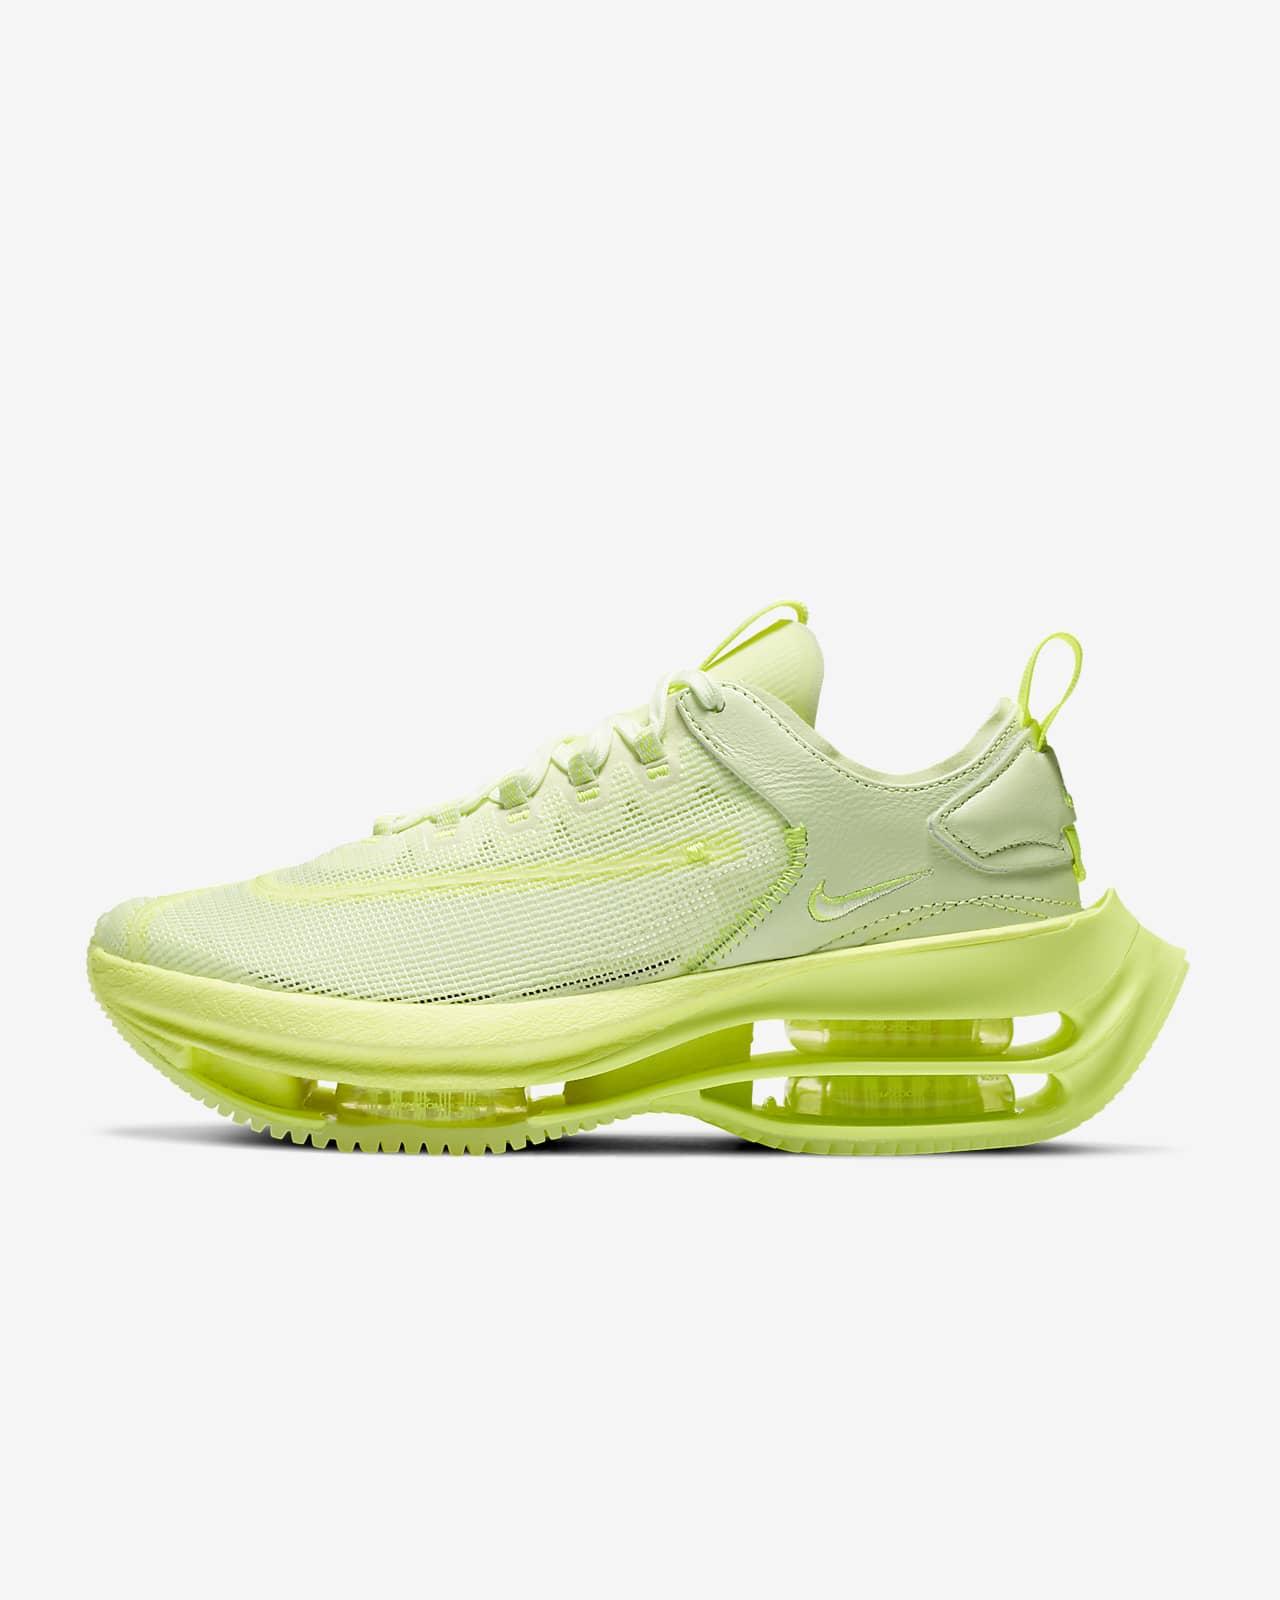 รองเท้าผู้หญิง Nike Zoom Double Stacked